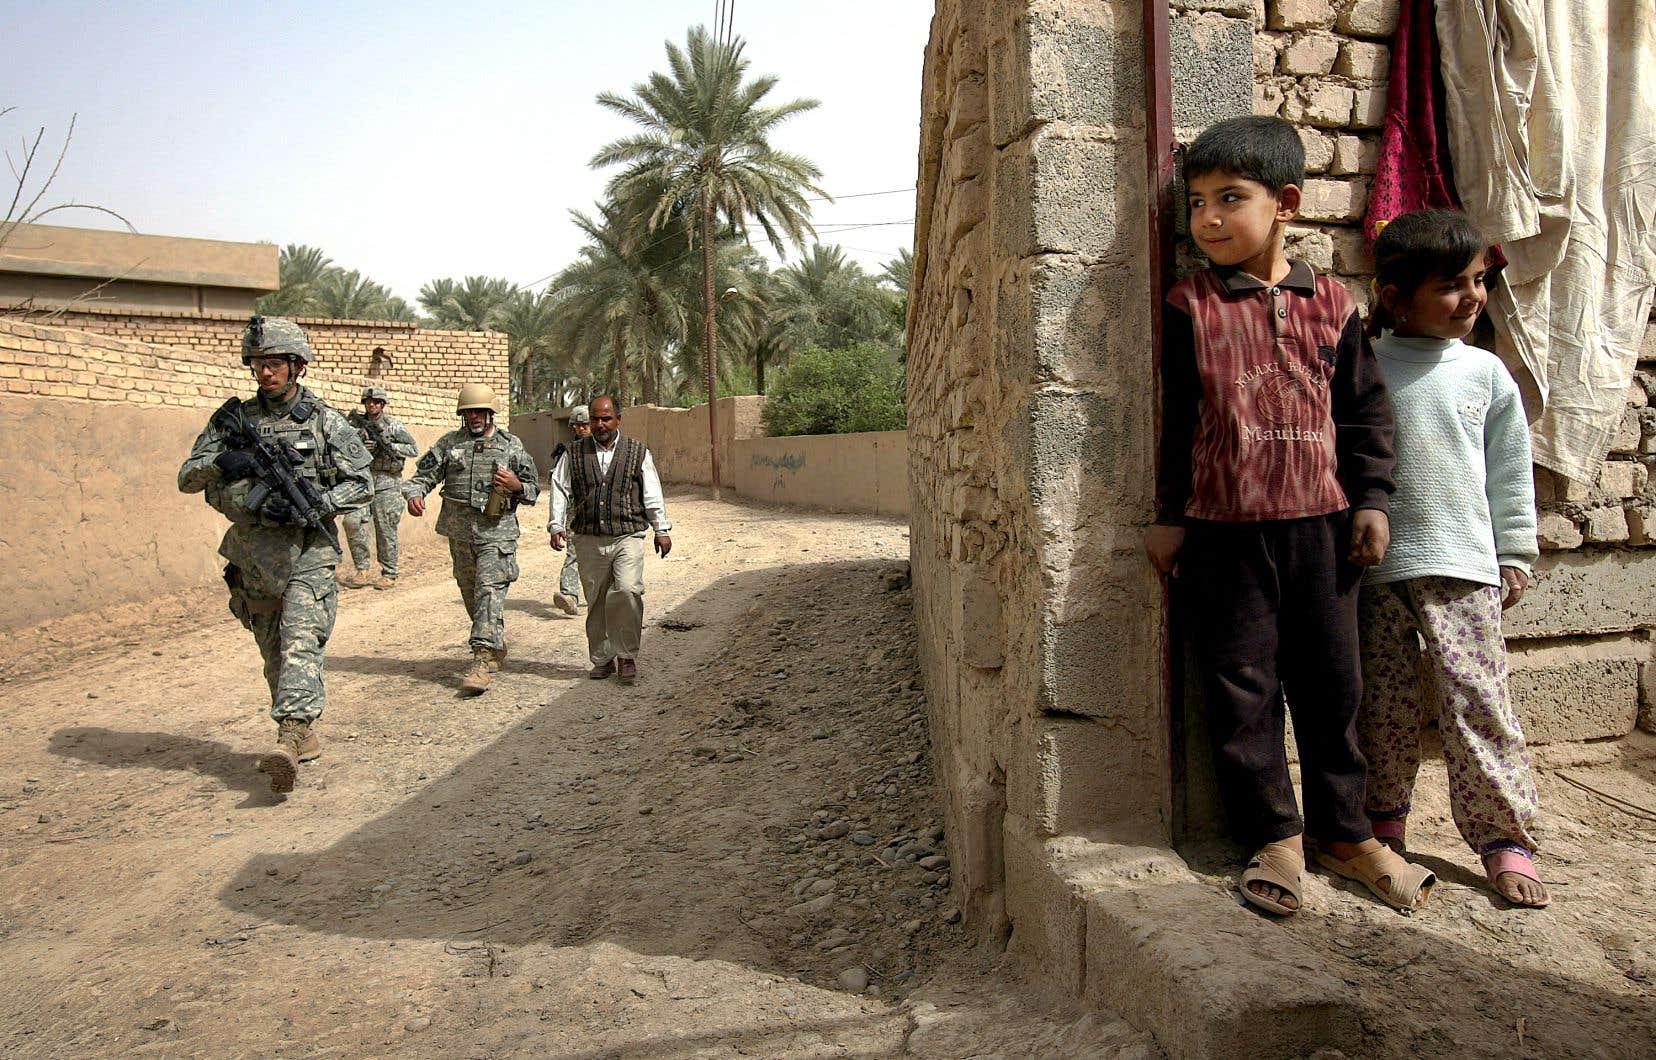 Le rapport du projet Costs of War estime qu'au moins 387 072 civils et 301 933 combattants ennemis — un terme à la définition souvent floue — ont été tués lors des opérations militaires américaines au Moyen-Orient depuis le 11 septembre 2001. Sur la photo, des soldats américains en Irak, en 2008.